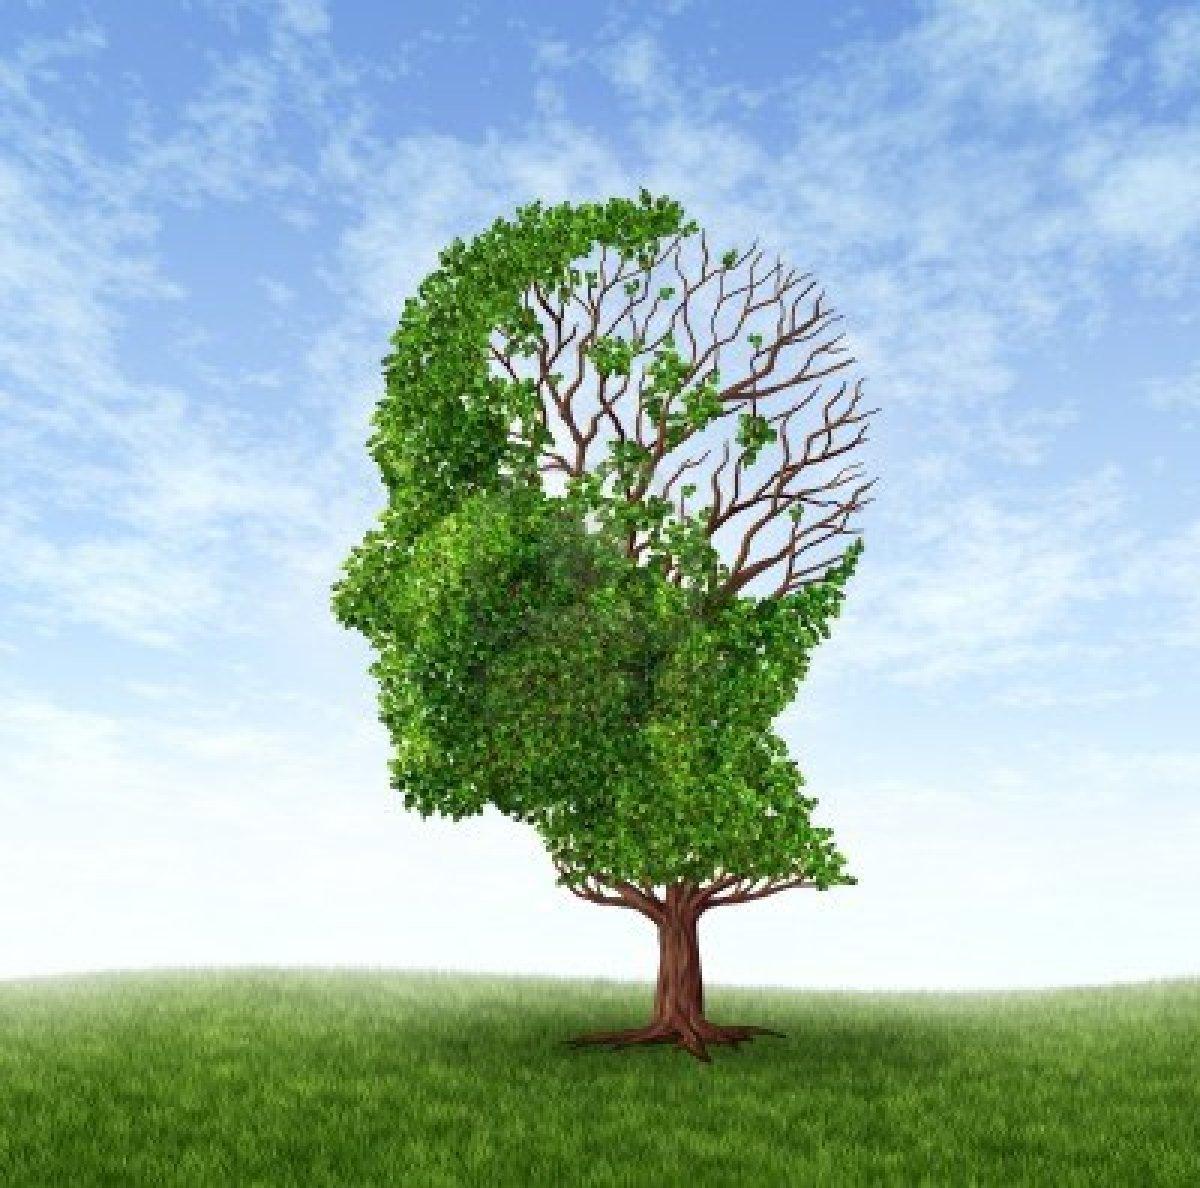 13559416-dementie-concept-van-geheugenverlies-als-gevolg-van-alzheimer